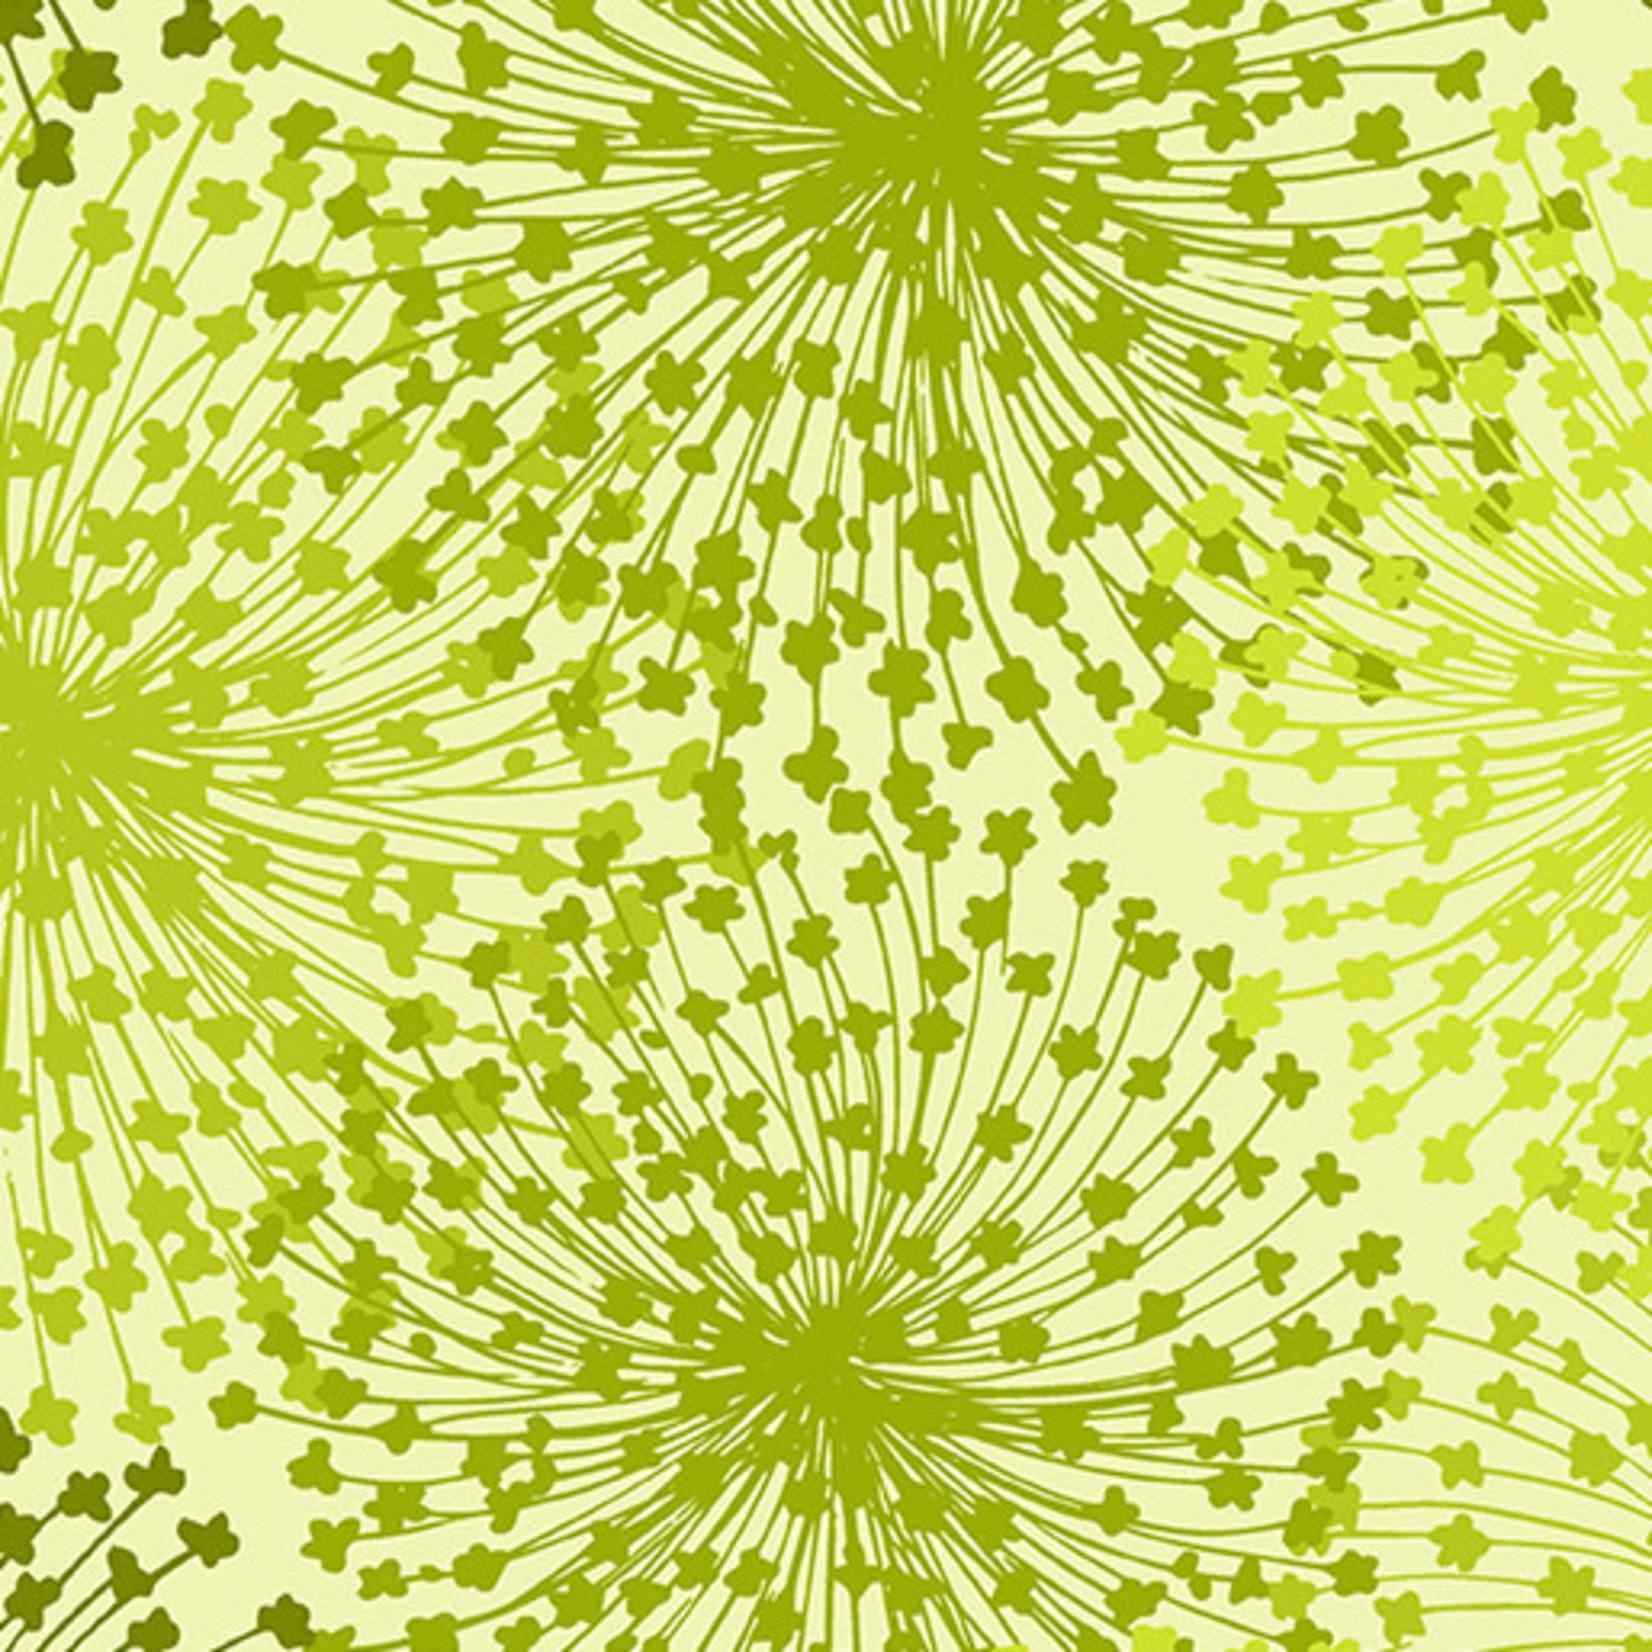 Benartex Studio Dandelion Dreams - Chartreuse